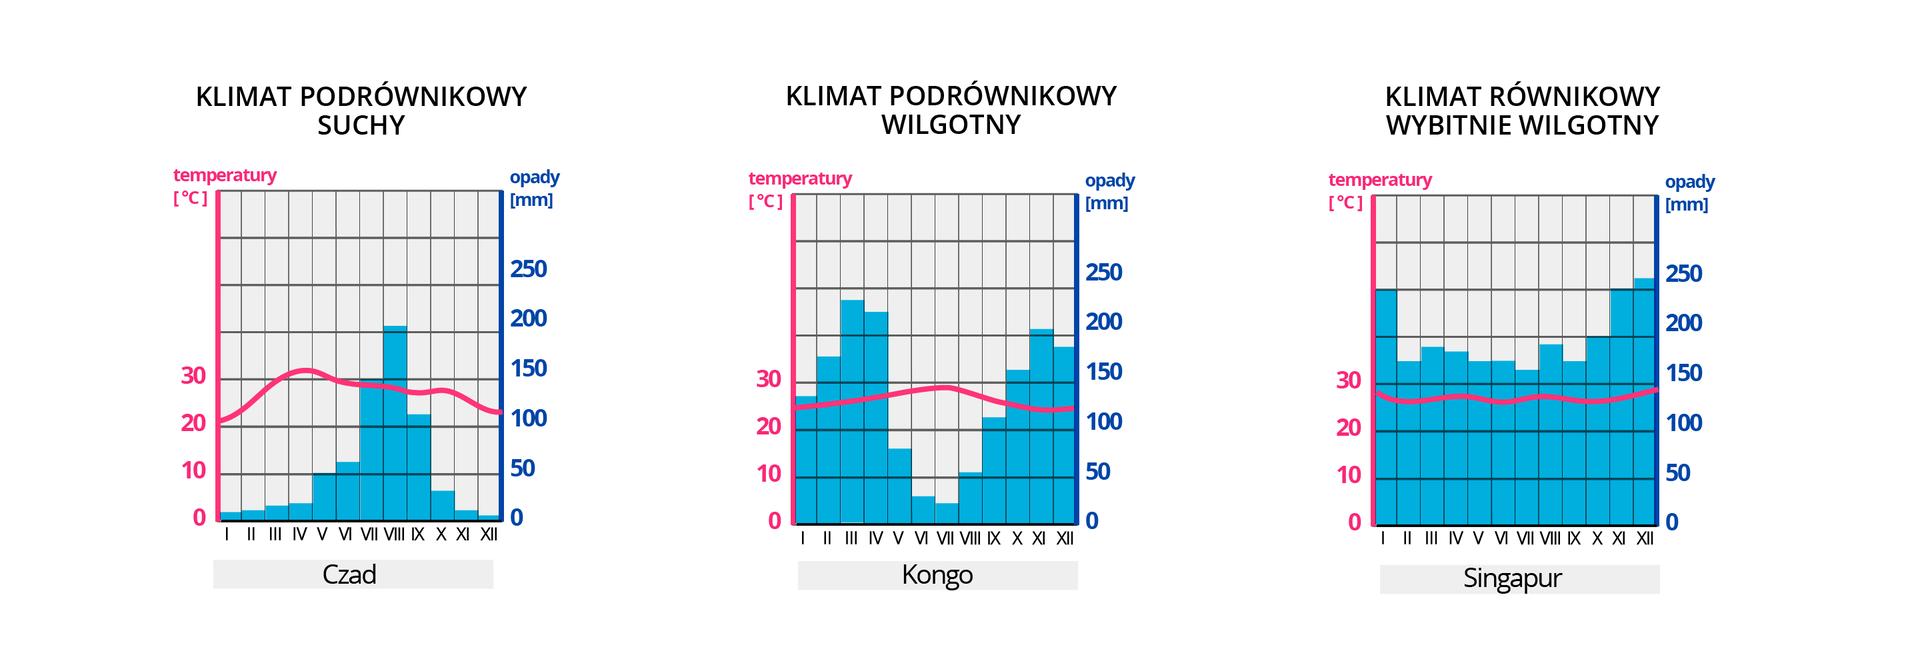 Ilustracja przedstawiająca przykłady klimatogramów dla wybranych typów klimatu wstrefie równikowej.